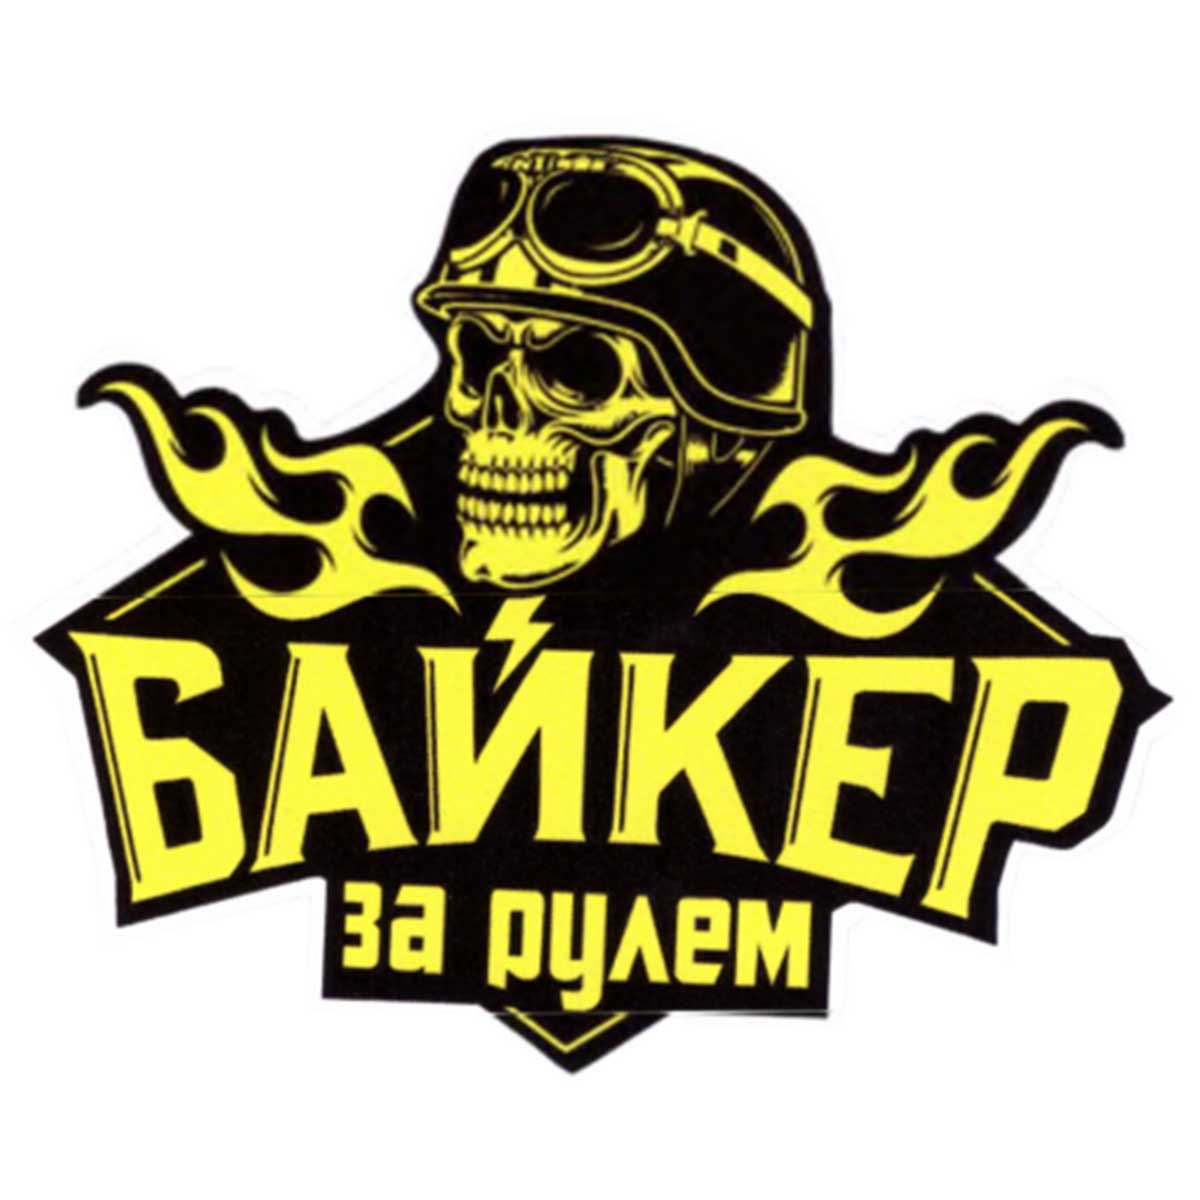 Фото - Наклейка на автомобиль Байкер за рулем / Череп в шлеме виниловая 15х15 наклейка инвалид в авто двухсторонняя 15х15 см